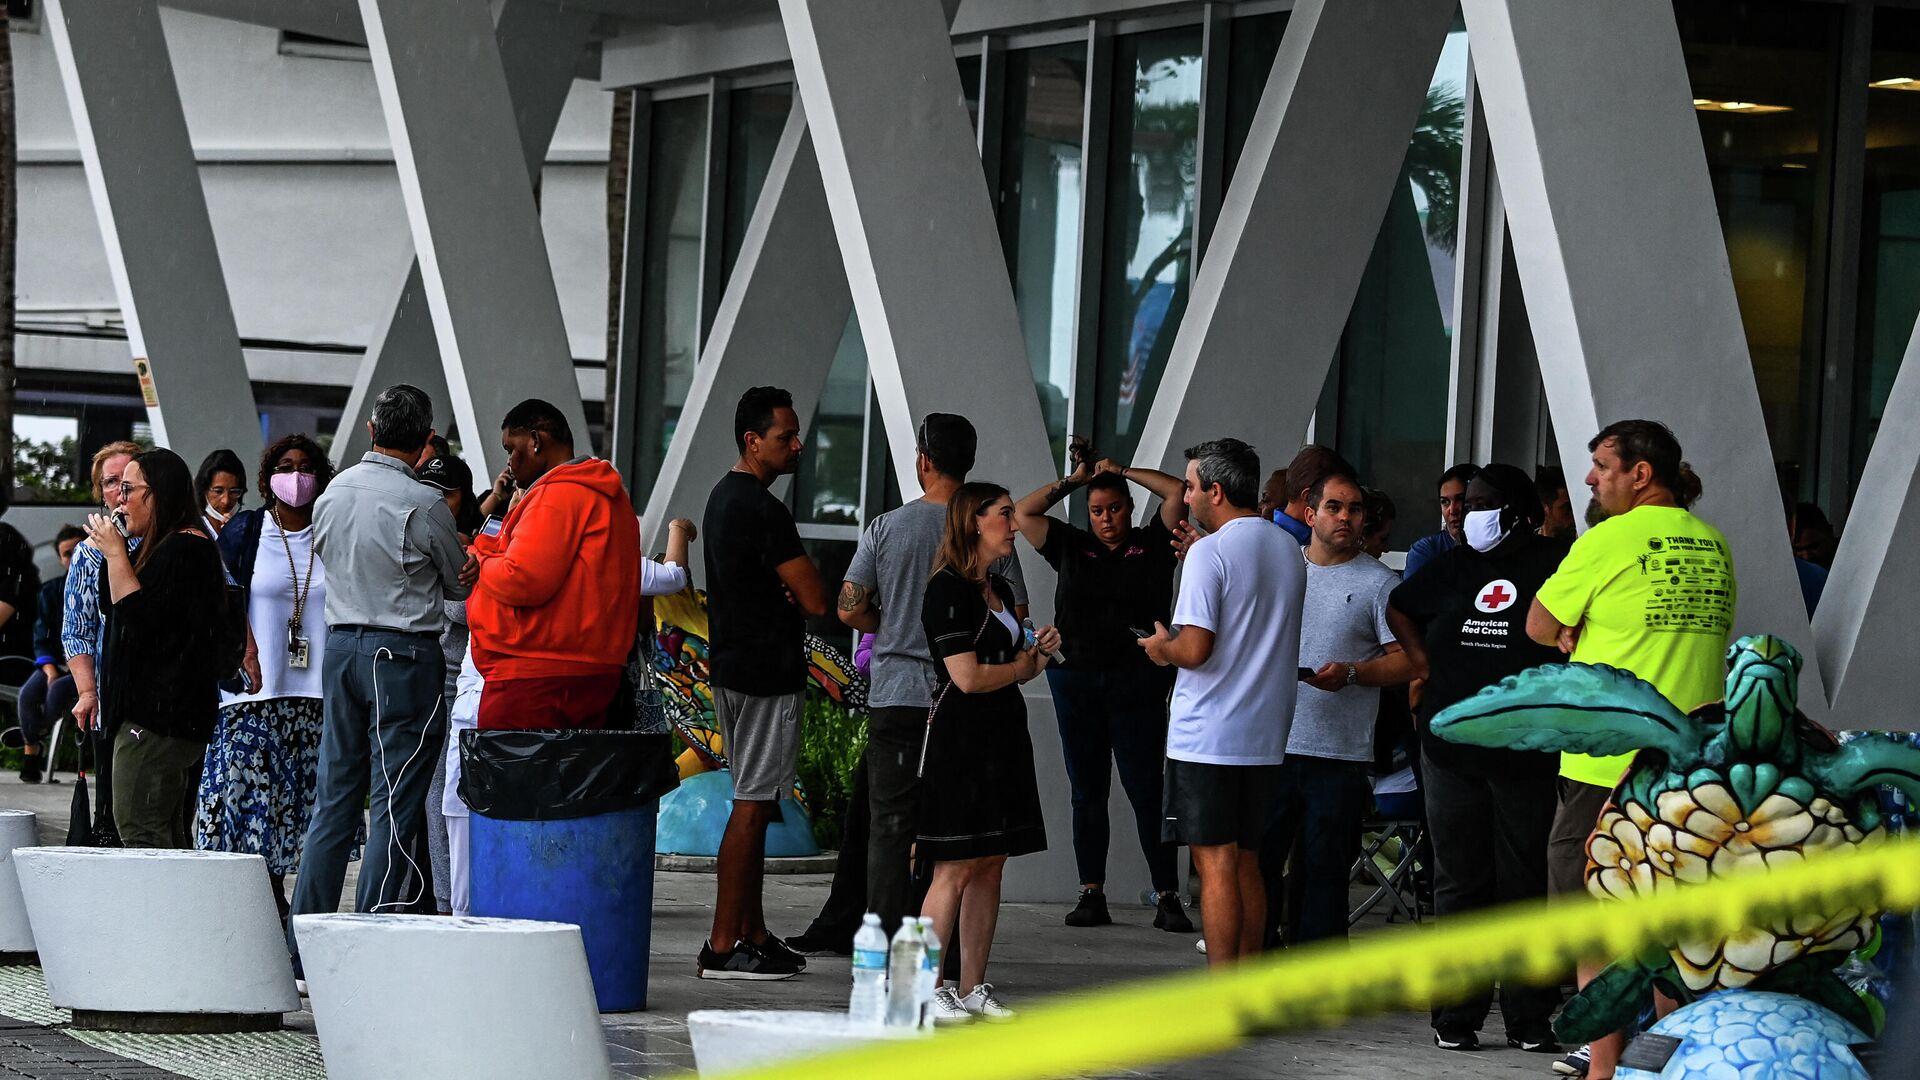 Familiares de residentes de las Champlain Towers se reúnen mientras esperan noticias de las personas desaparecidas tras el derrumbe del edificio - Sputnik Mundo, 1920, 24.06.2021